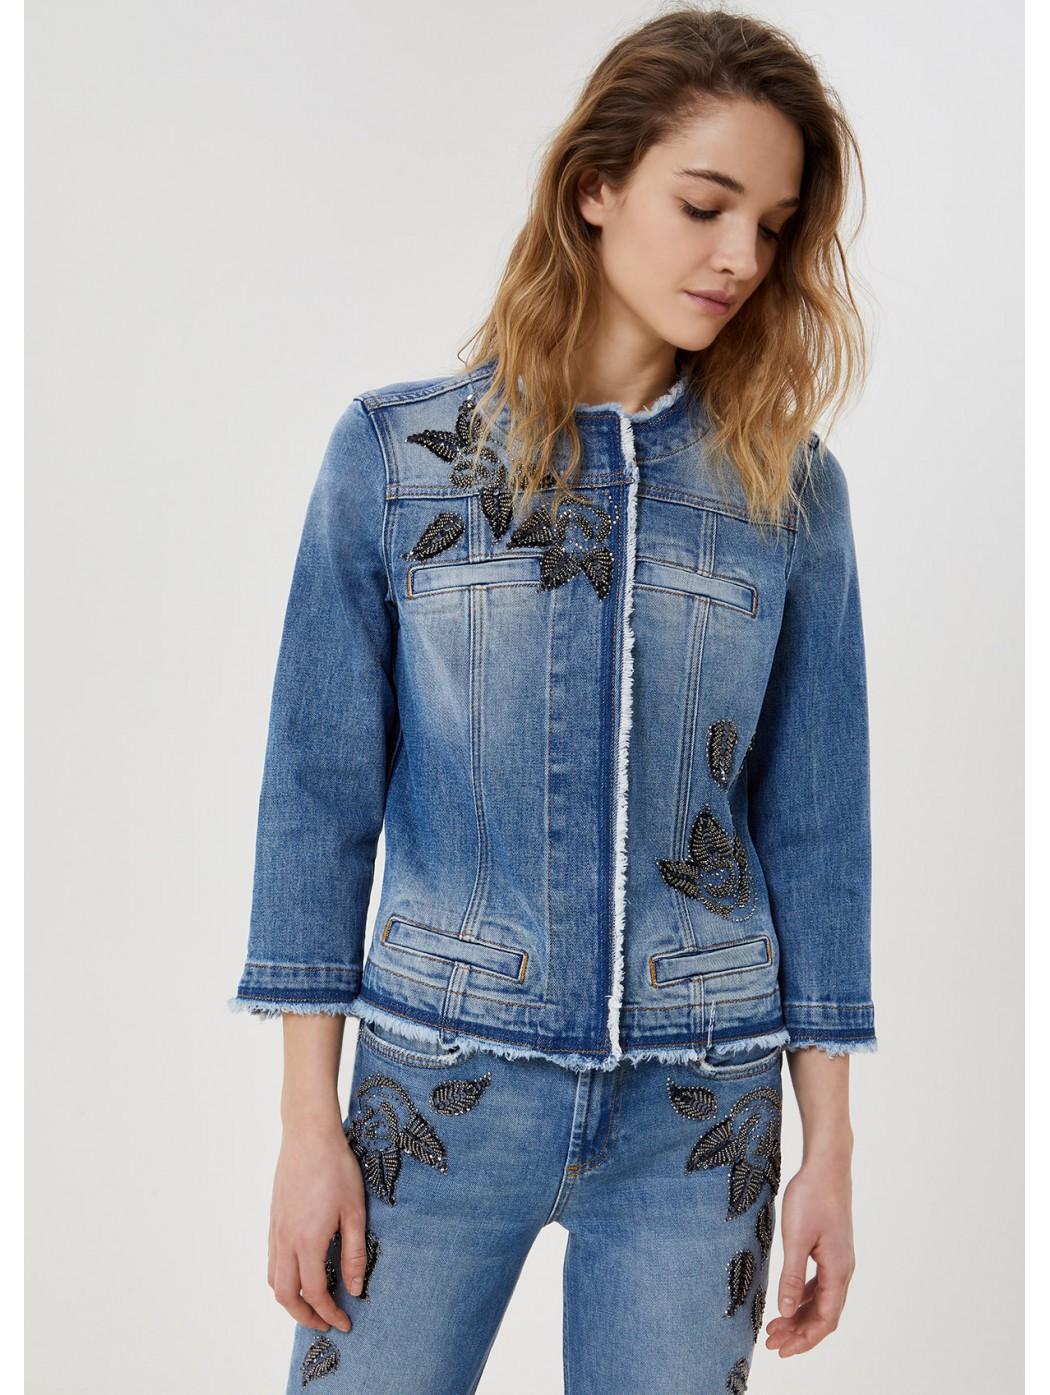 Giacca di jeans con applicazioni LIUJO JEANS CORE UA1033D4598 78151